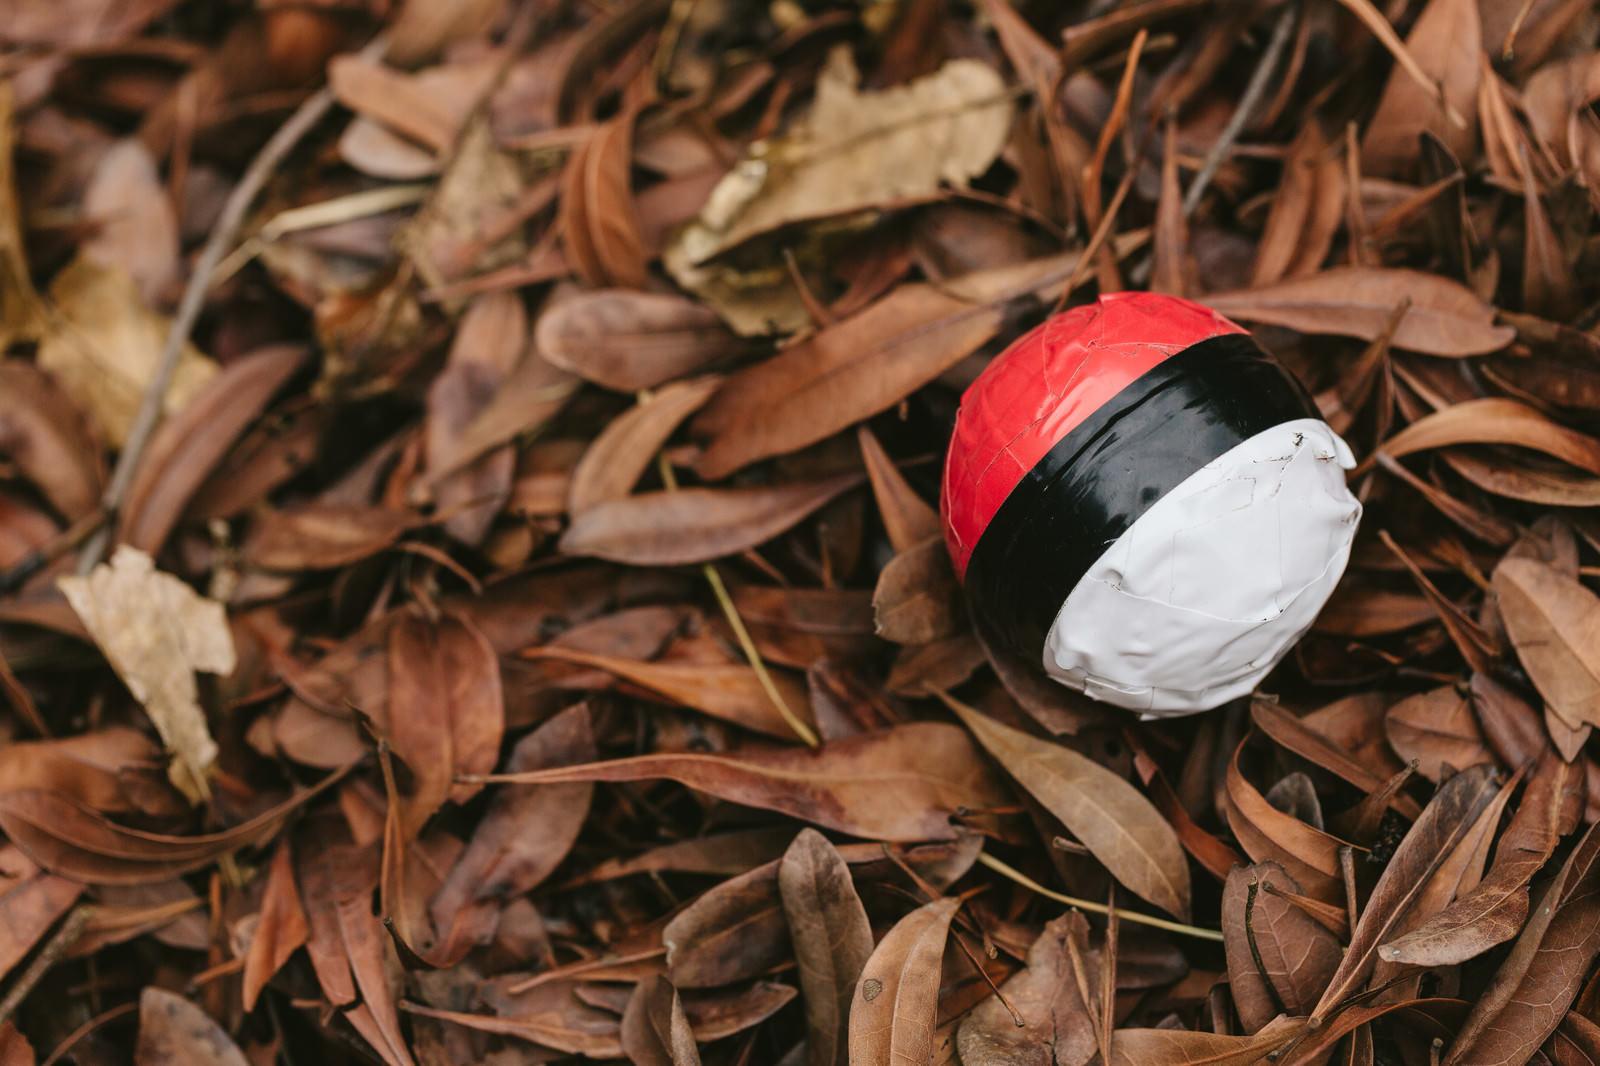 「落葉にまみれた紅白ボール」の写真